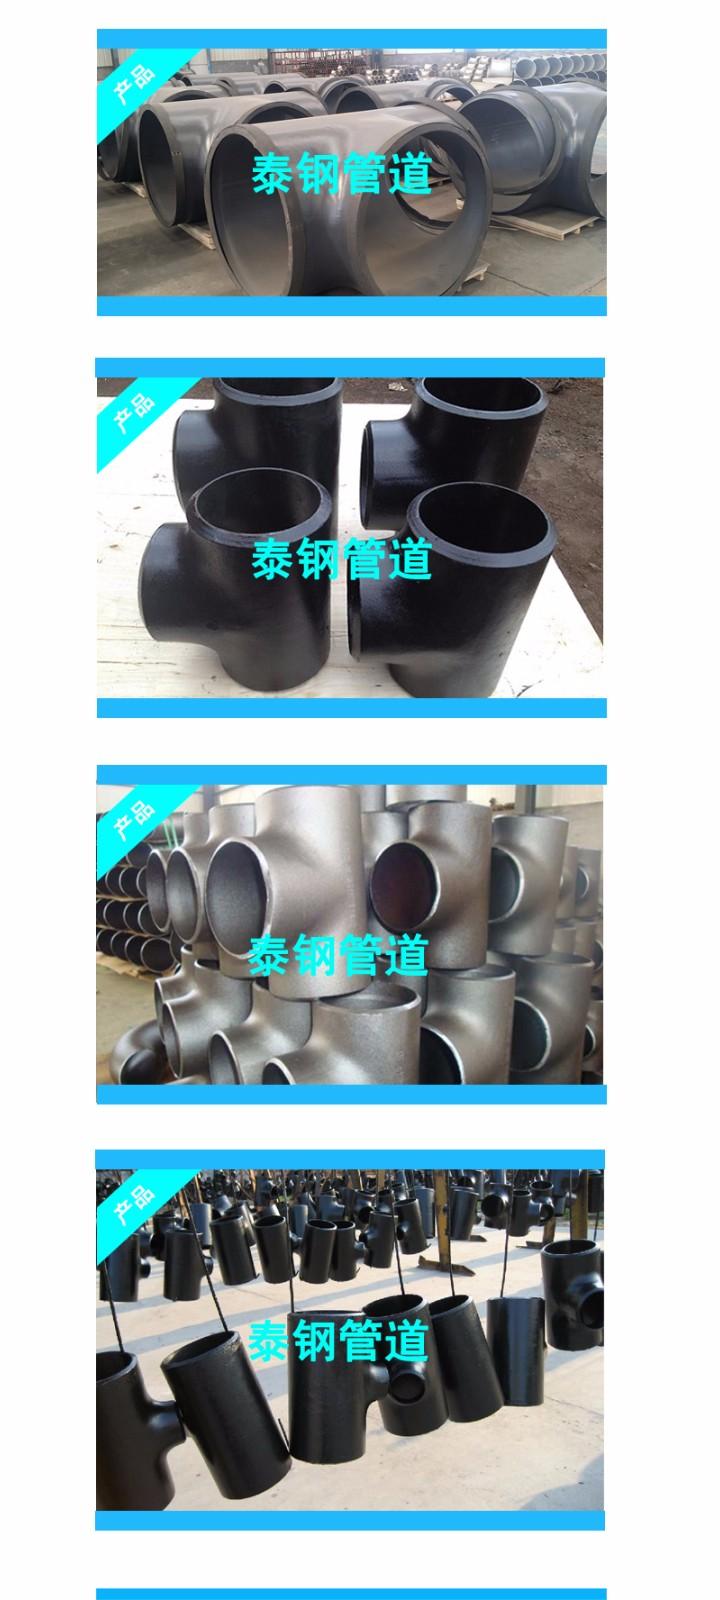 等徑三通|三通系列-滄州泰鋼管道有限公司.